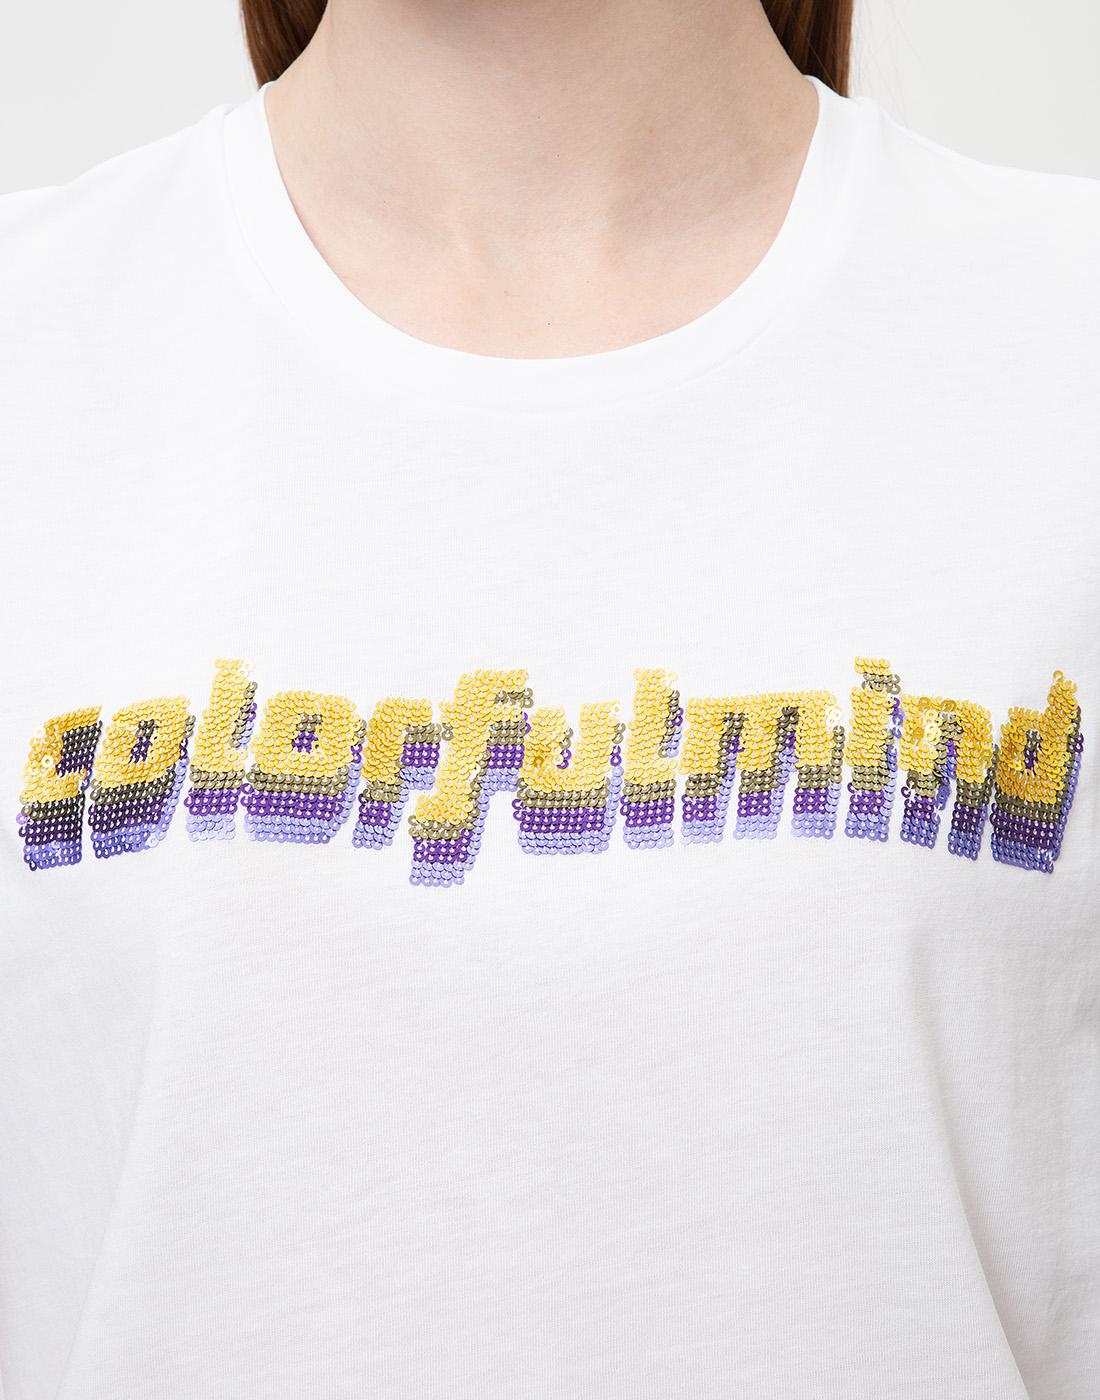 Женская белая футболка с вышивкой пайетками  Dorothee Schumacher S623103/026-6